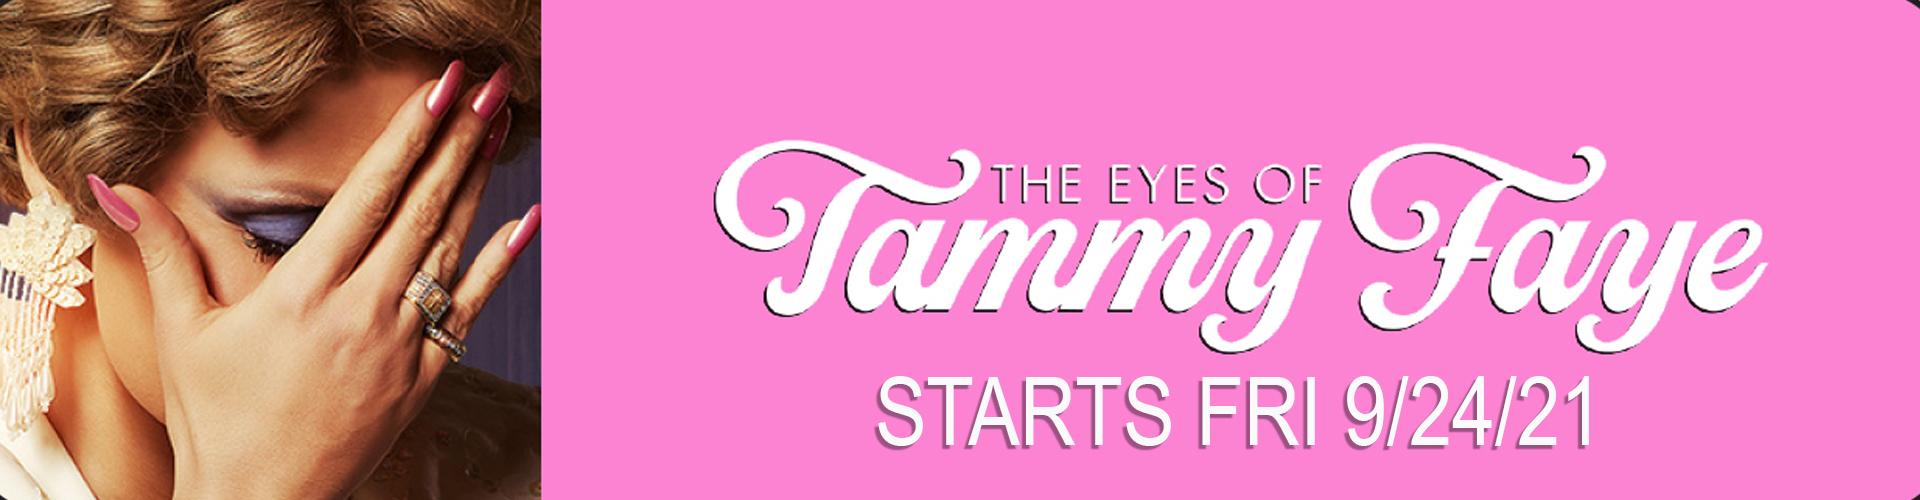 Eyes_of_Tammy_Faye_STARTS_WebsiteBanner